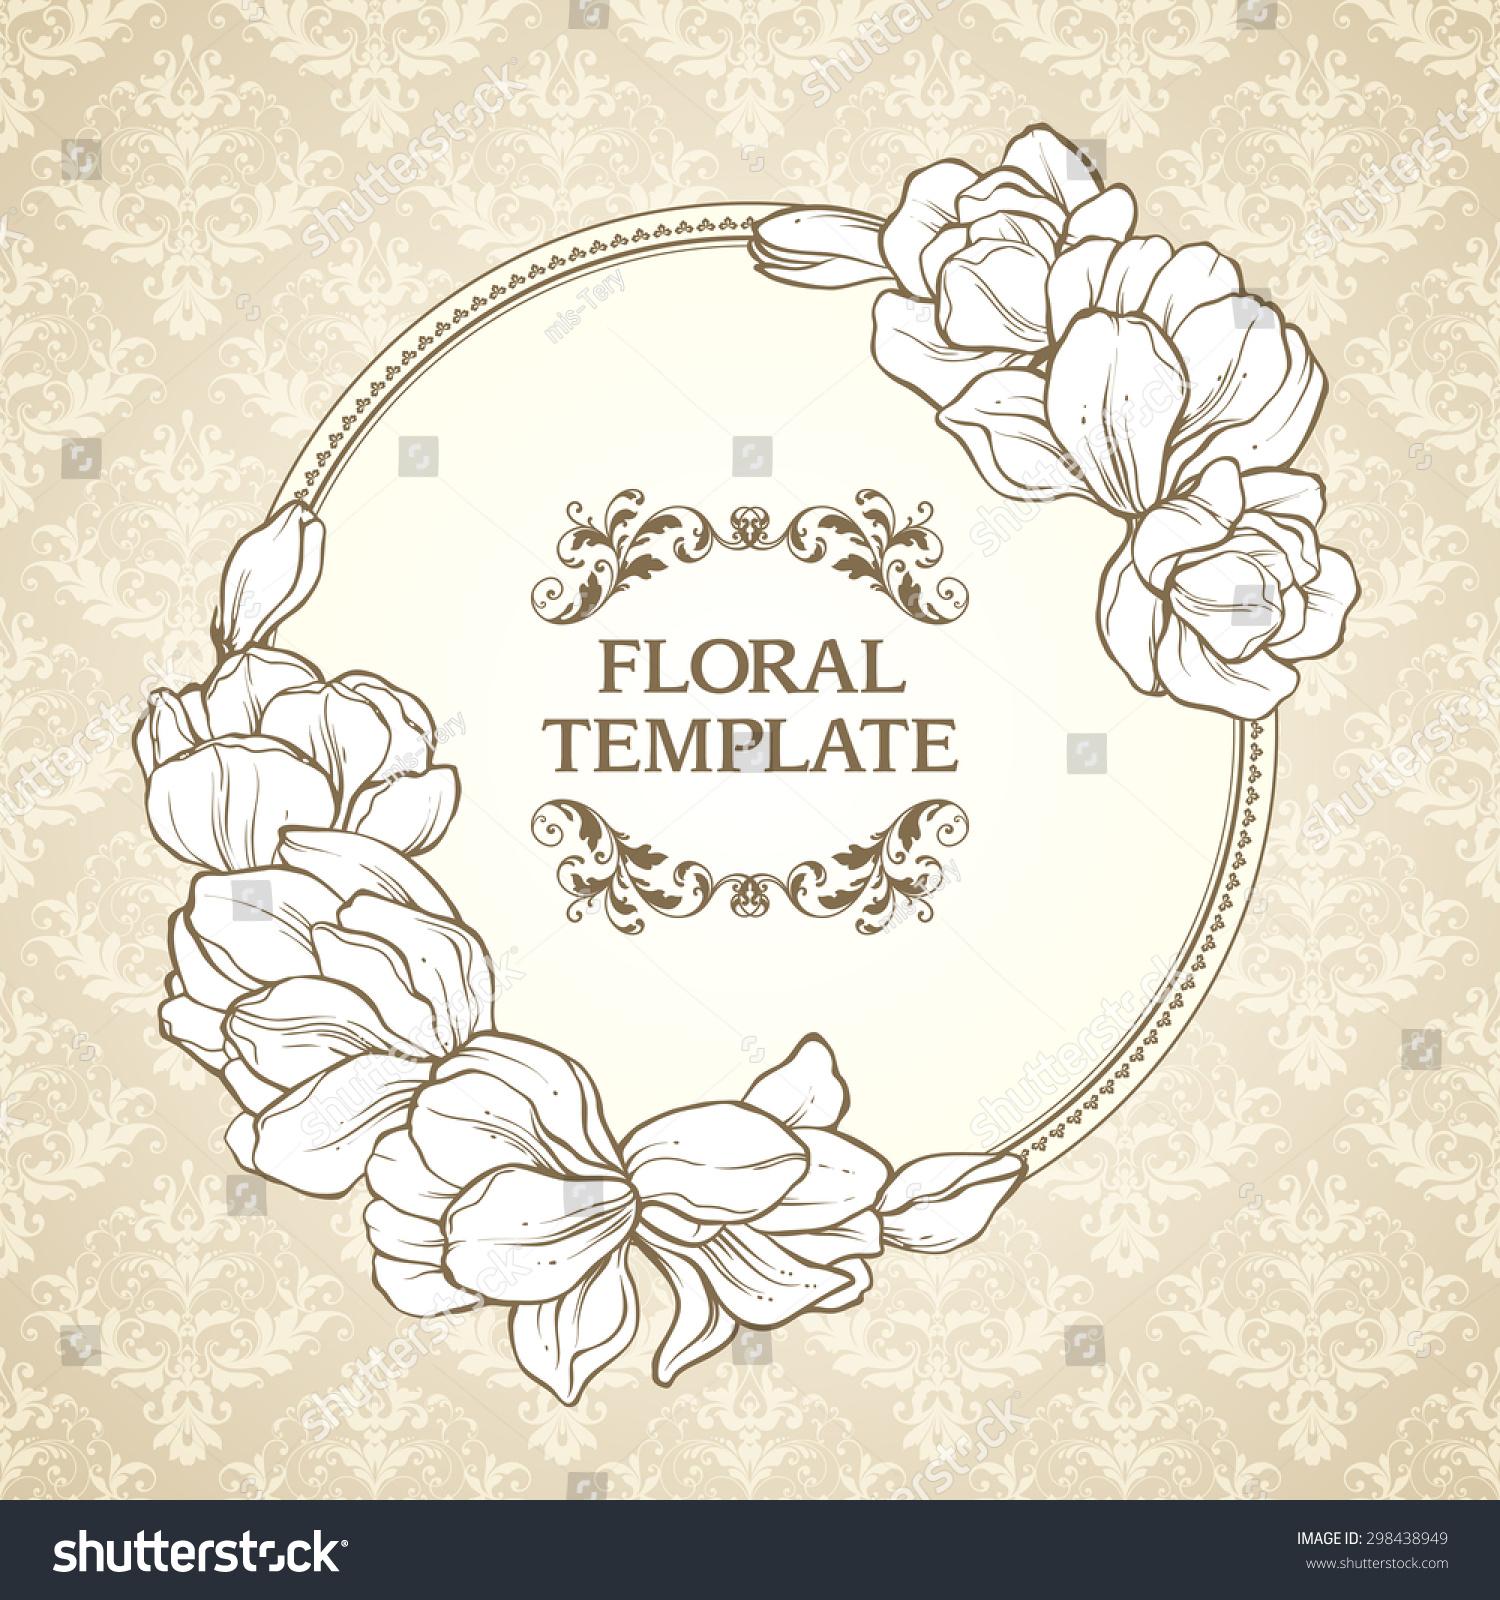 Vintage Floral Round Frame And Patterned Background Elegant Flowers